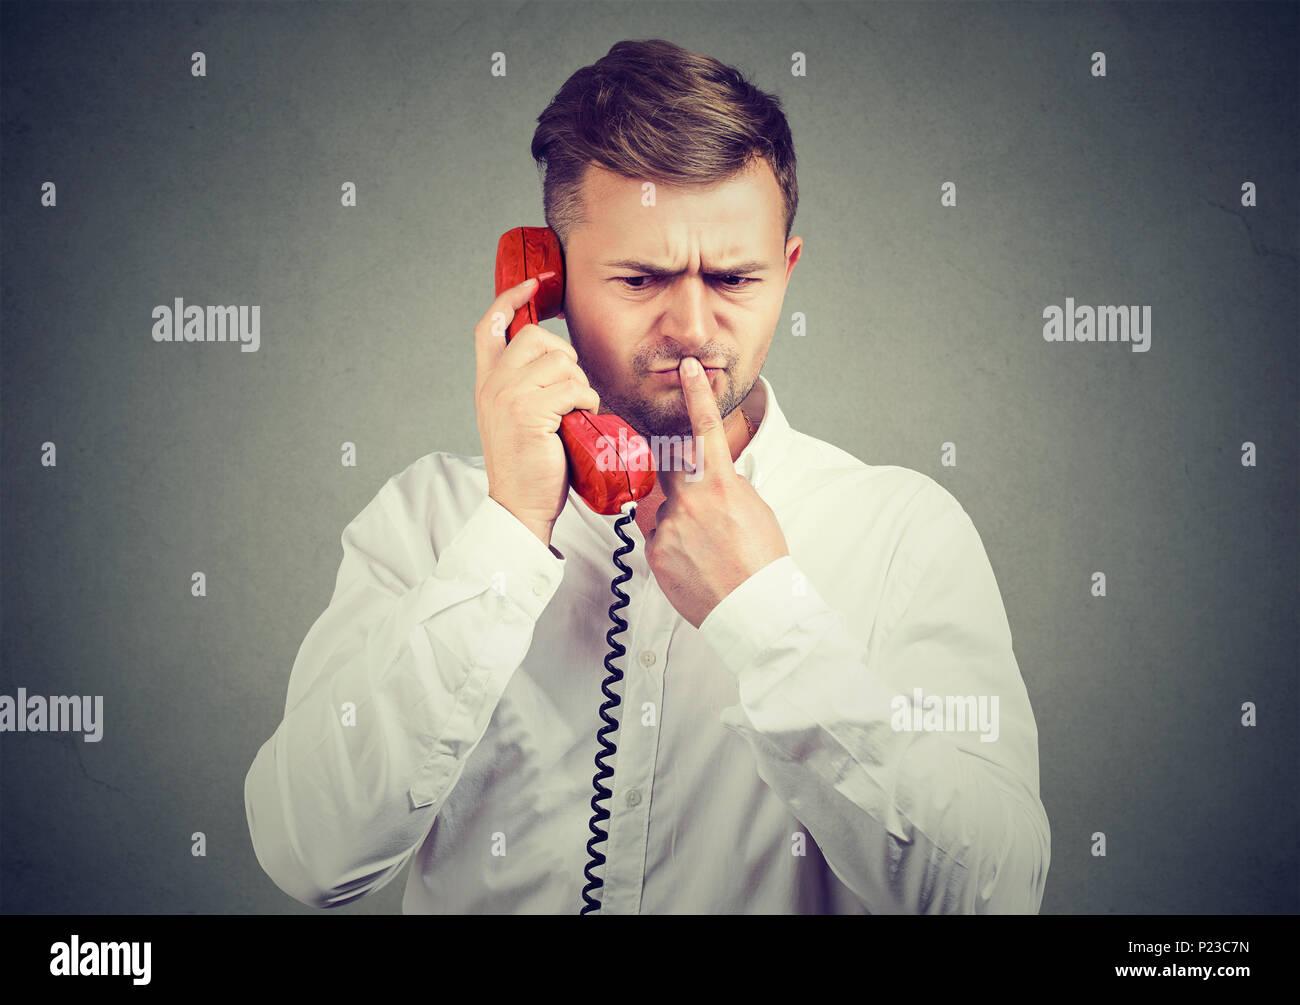 Pensativo en camisa blanca de hombre hablando por teléfono y tocar los labios en dudas tener noticias confusas. Imagen De Stock